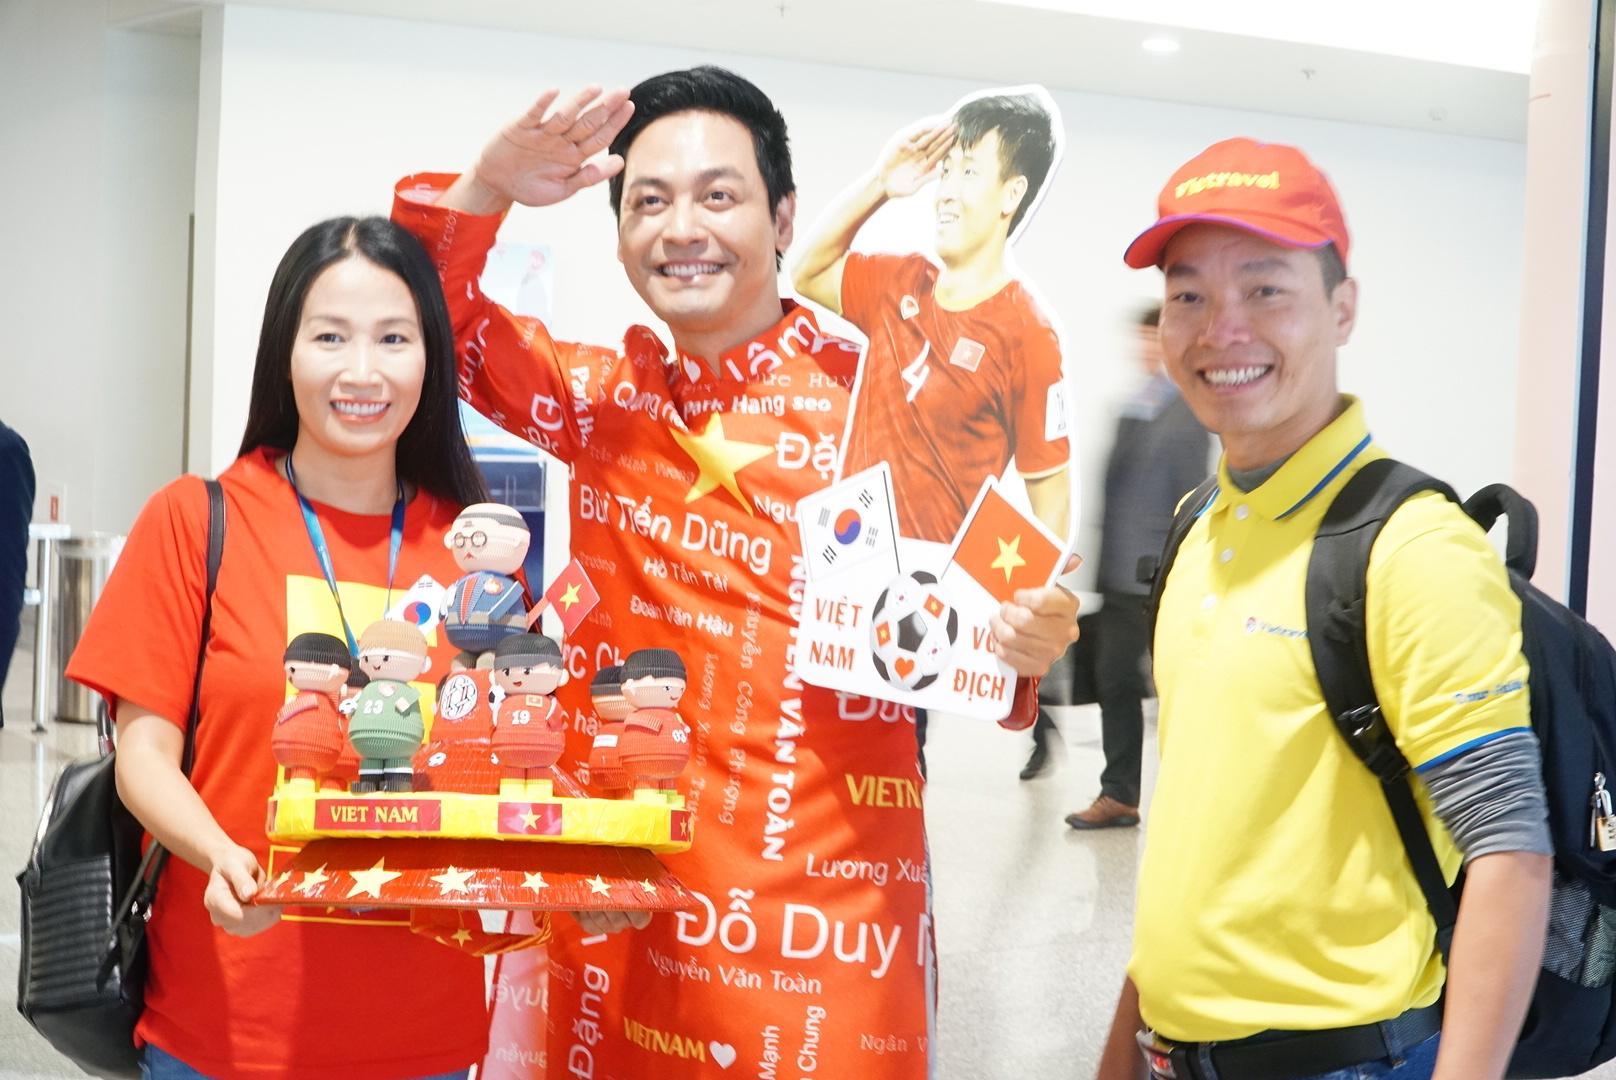 Loạt sao Việt diện áo đỏ sao vàng hứng khởi lên đường cổ vũ đội tuyển Việt Nam - Ảnh 3